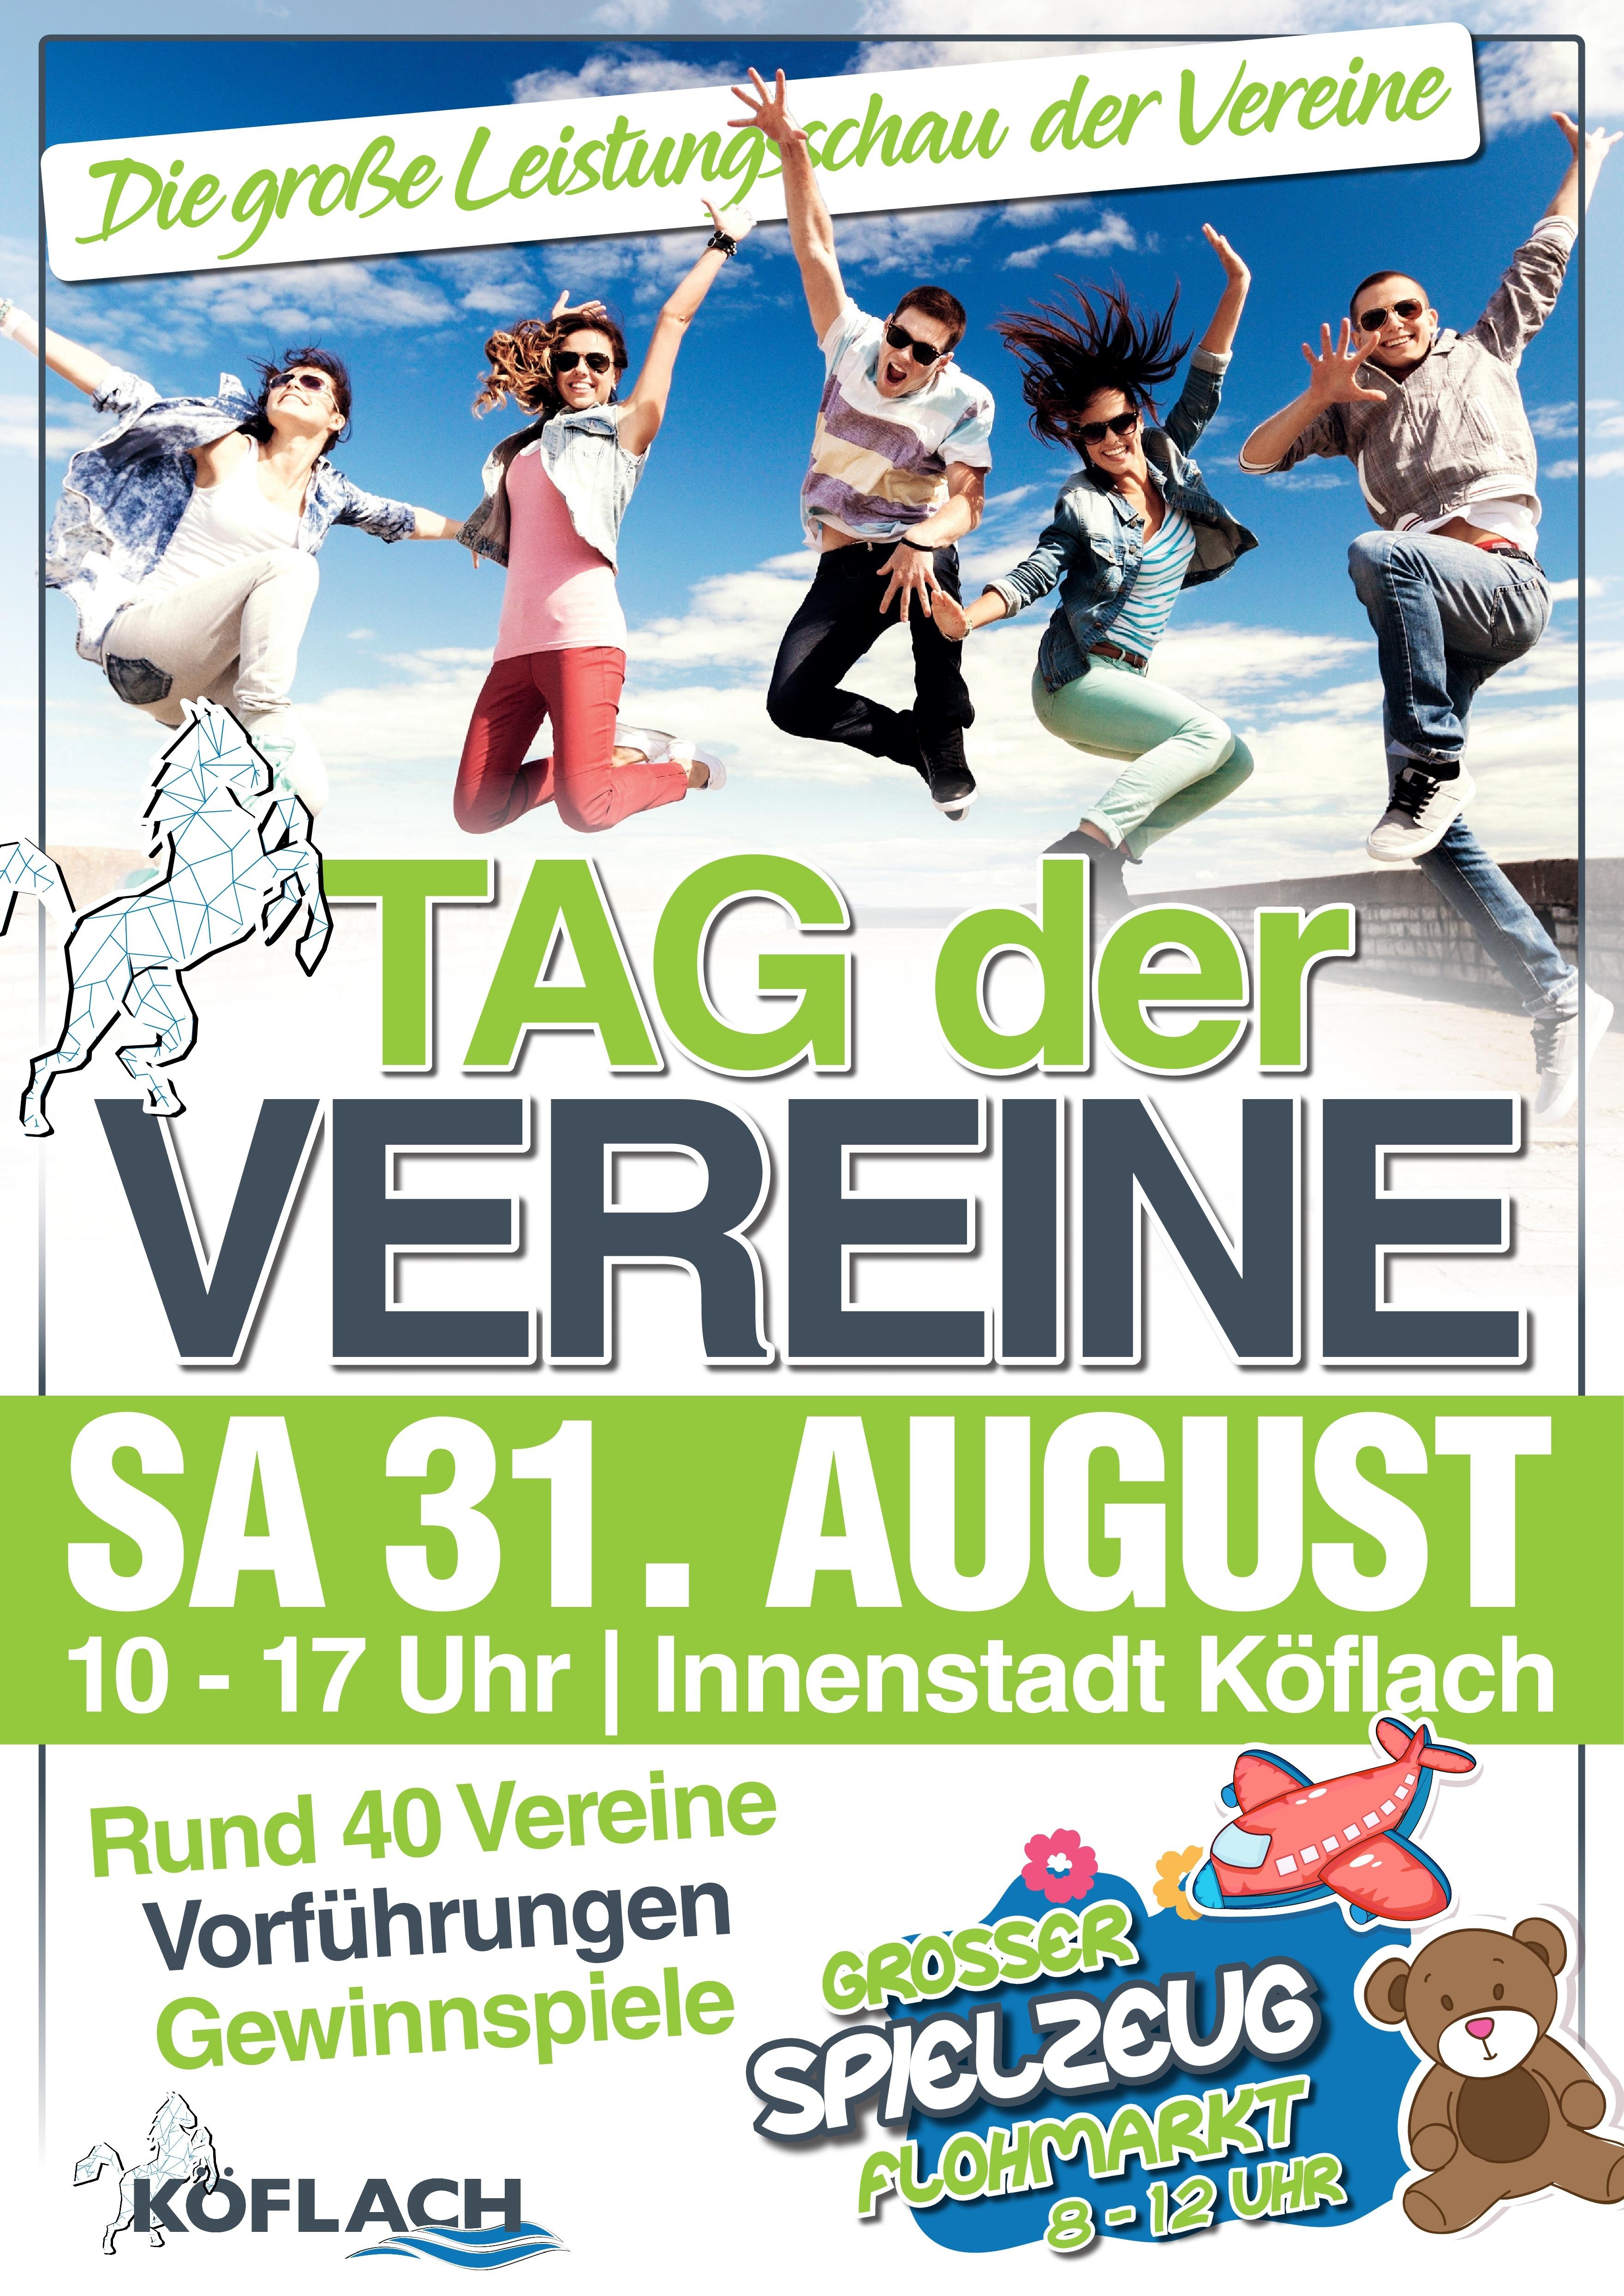 Stadtgemeinde Kflach - Thema auf calrice.net